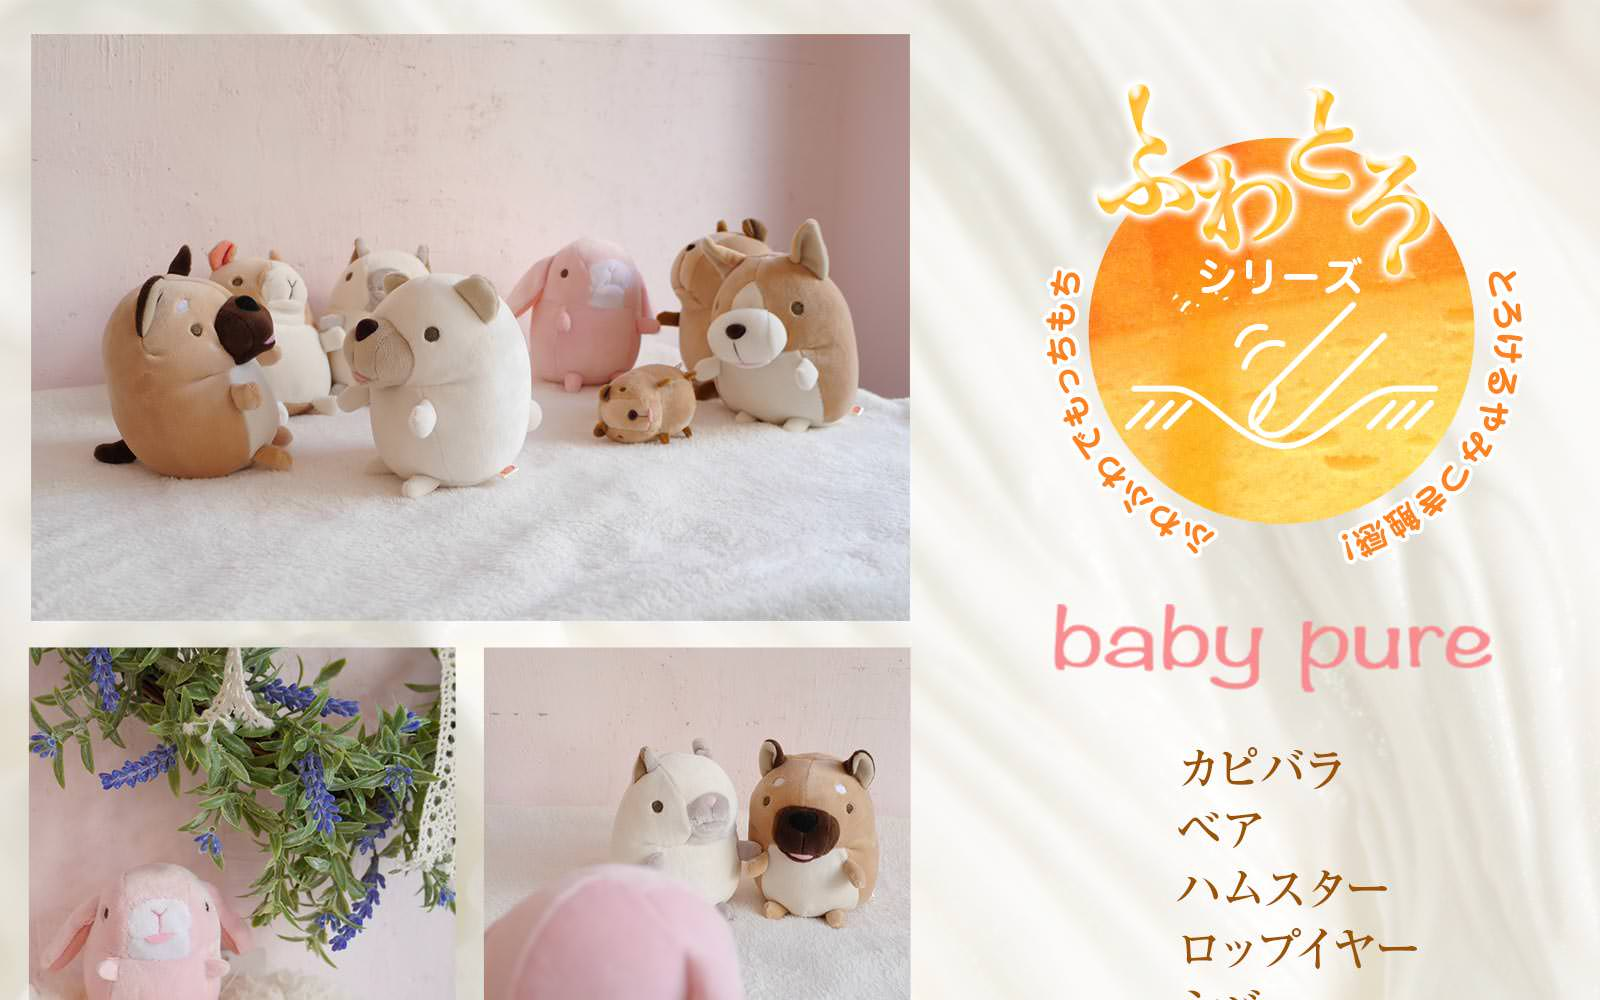 baby pure ベア(M) ベィビーピュア baby nature ベィビーナチュレ くま ぬいぐるみ クマ 熊 テディベア 癒し ふわふわ 癒し かわいい 彼氏 彼女 女性 女友達 プレゼント 母の日 母 誕生日 ゆるキャラ